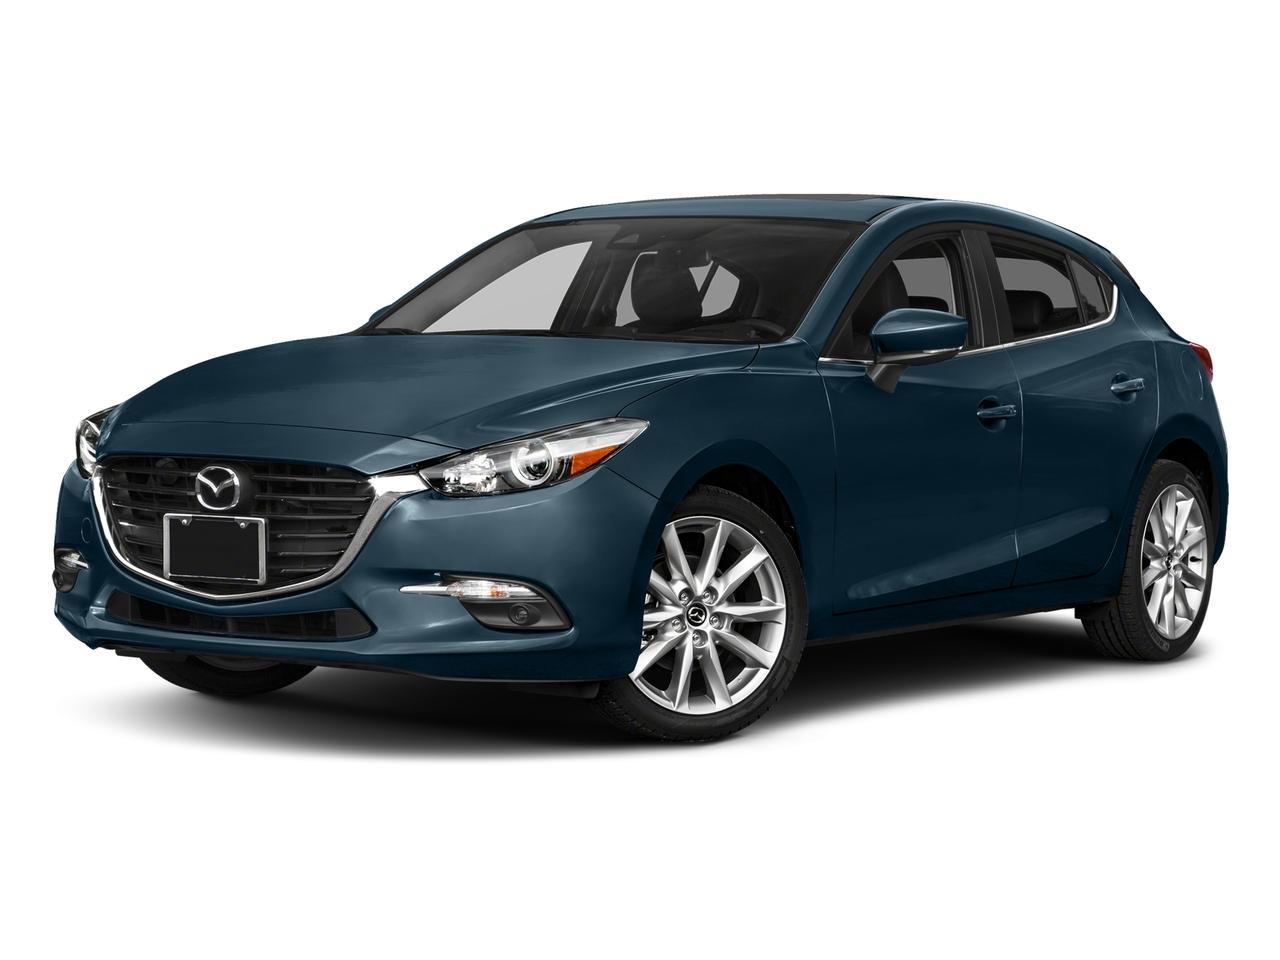 2017 Mazda Mazda3 5-Door Vehicle Photo in Chapel Hill, NC 27514